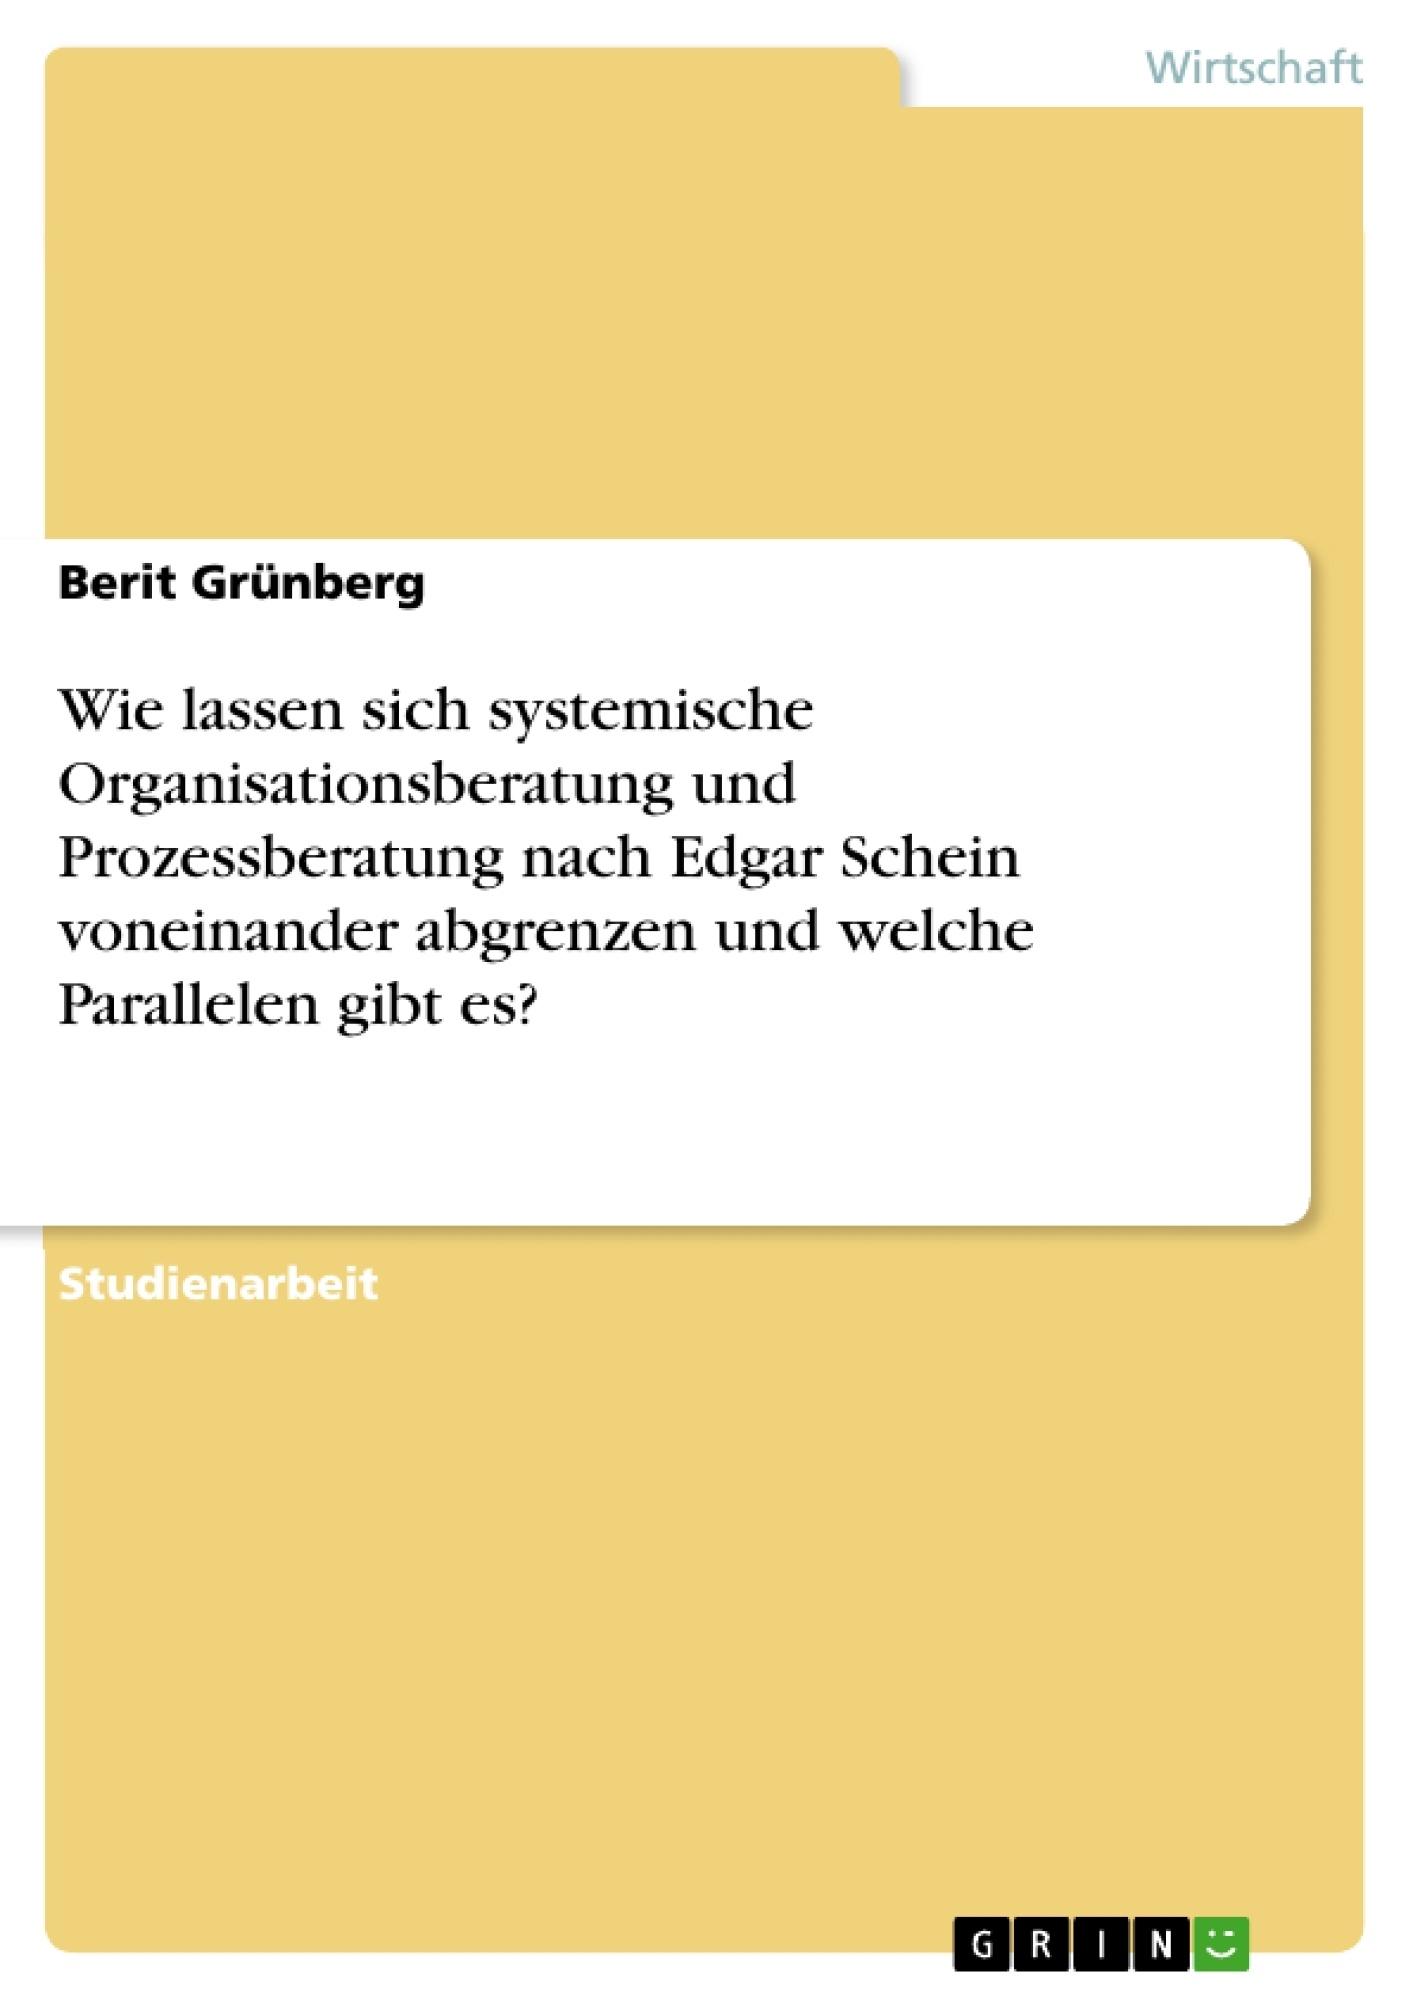 Titel: Wie lassen sich systemische Organisationsberatung und Prozessberatung nach Edgar Schein voneinander abgrenzen und welche Parallelen gibt es?